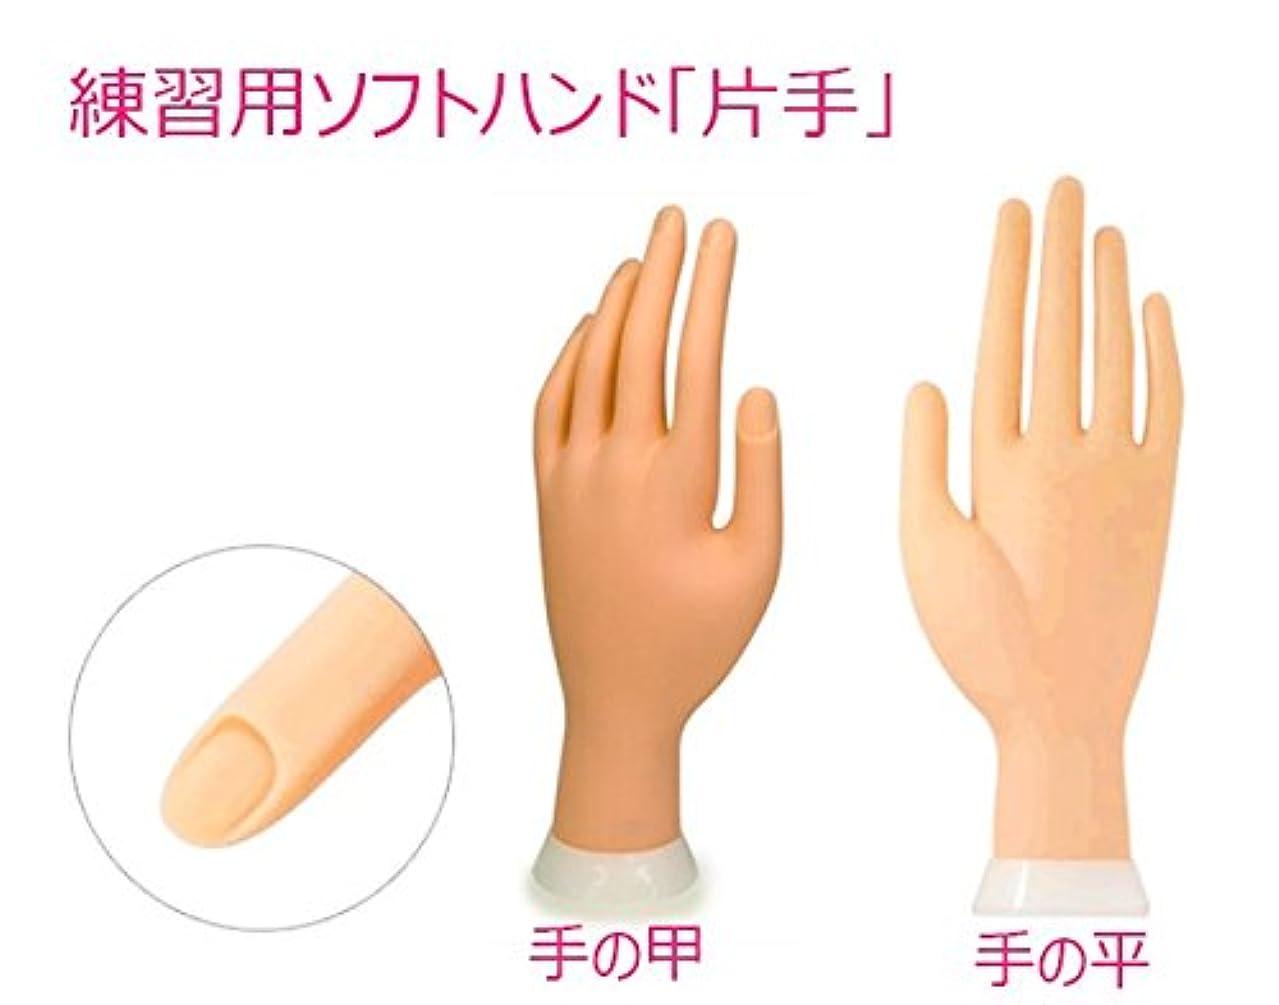 恥ずかしい例ヒット練習用ソフトハンド(左手)チップ差し込み式